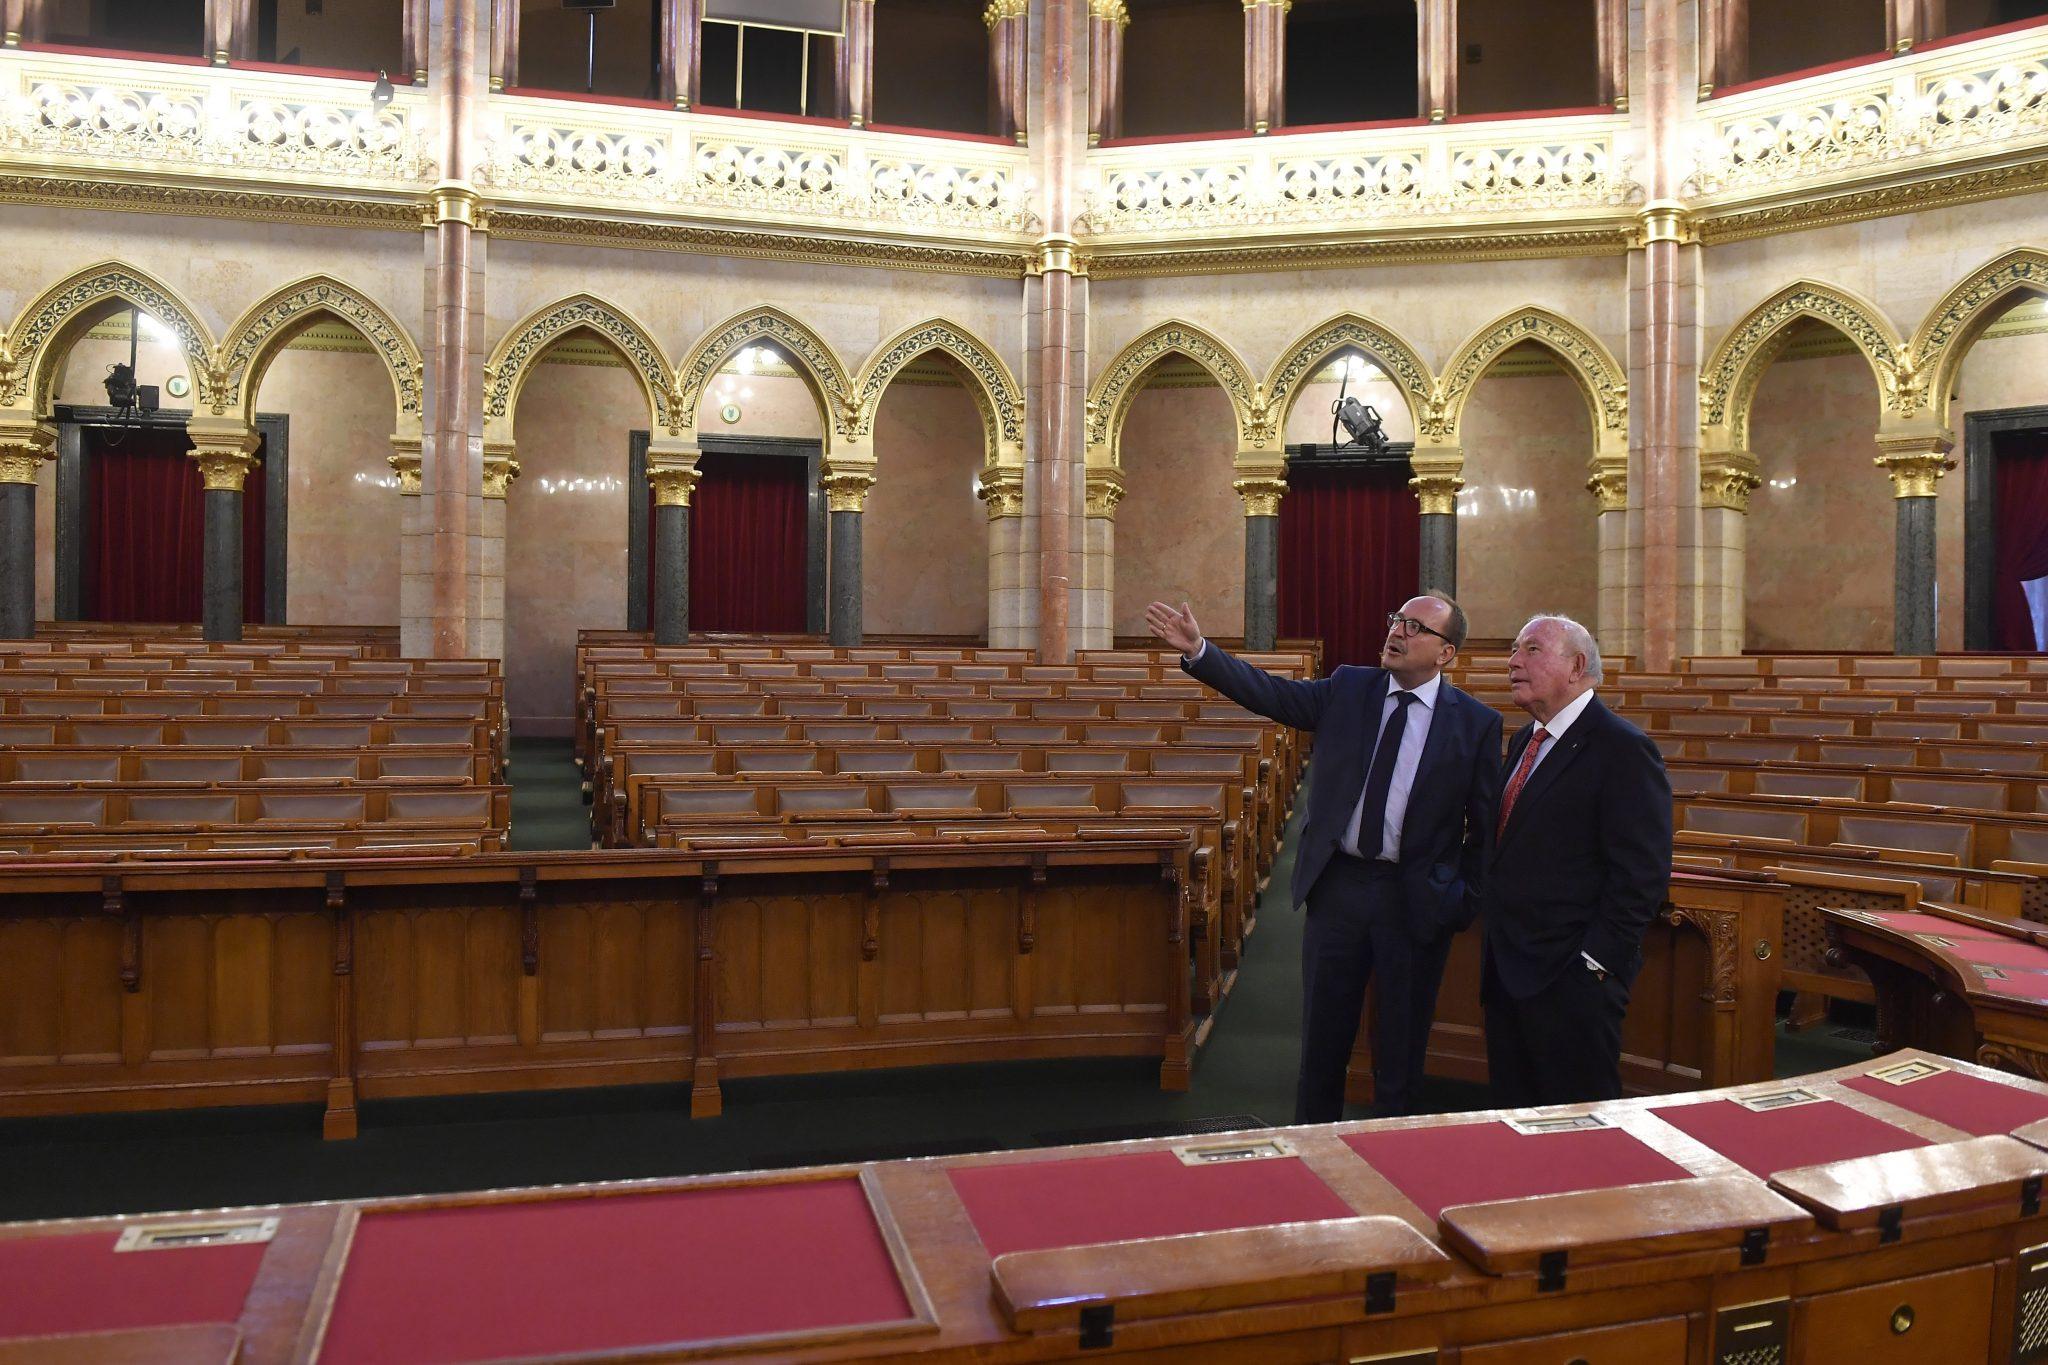 USA Ambassador parliament